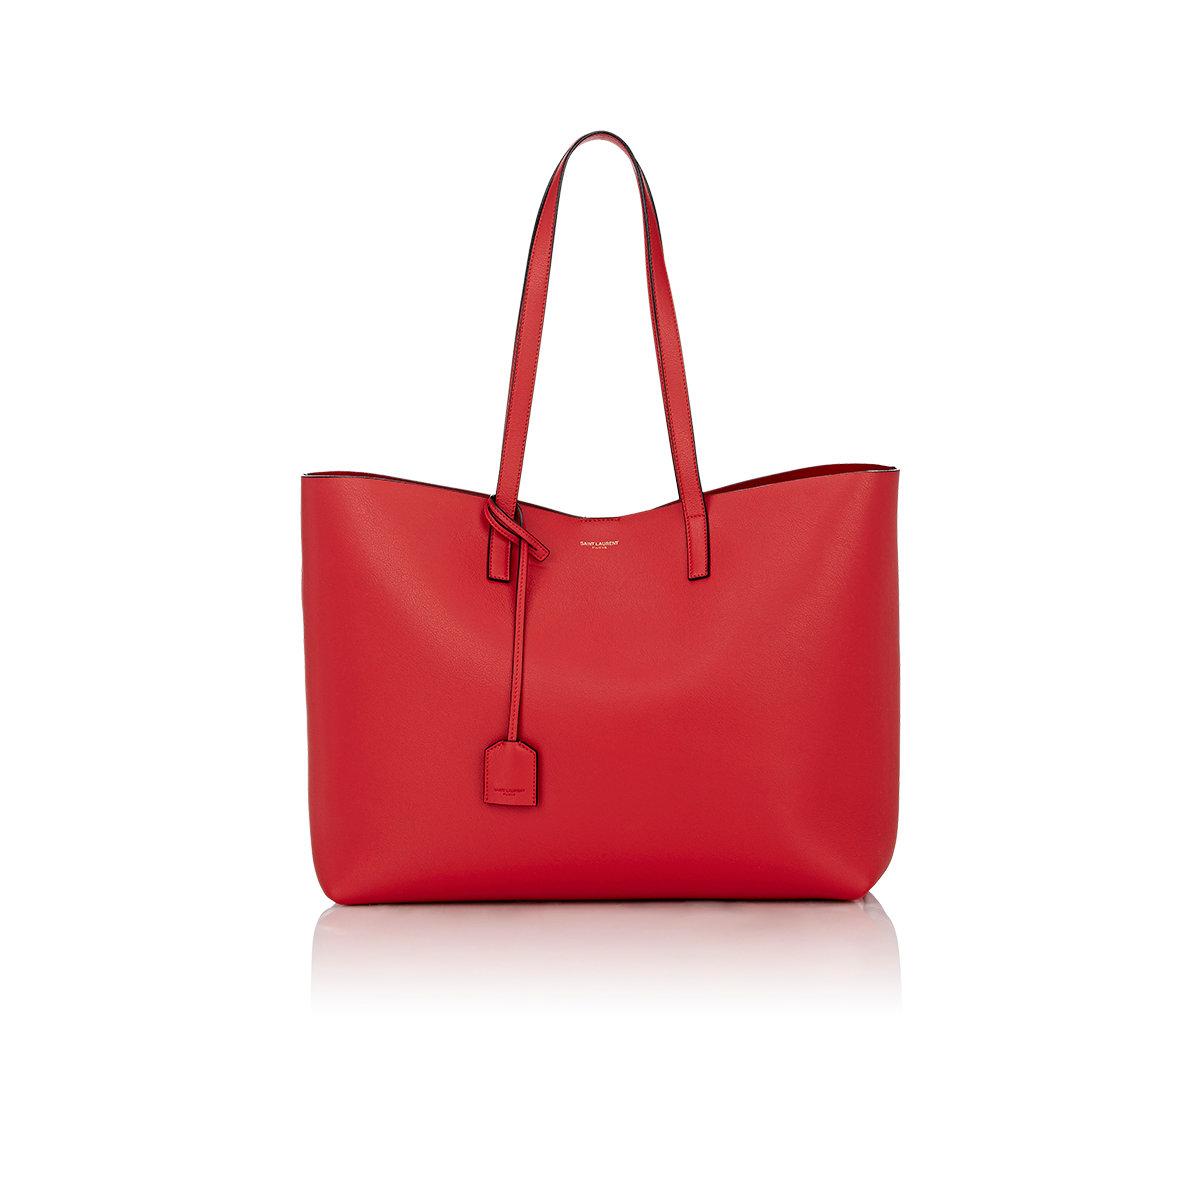 saint laurent shopper large tote in red lyst. Black Bedroom Furniture Sets. Home Design Ideas